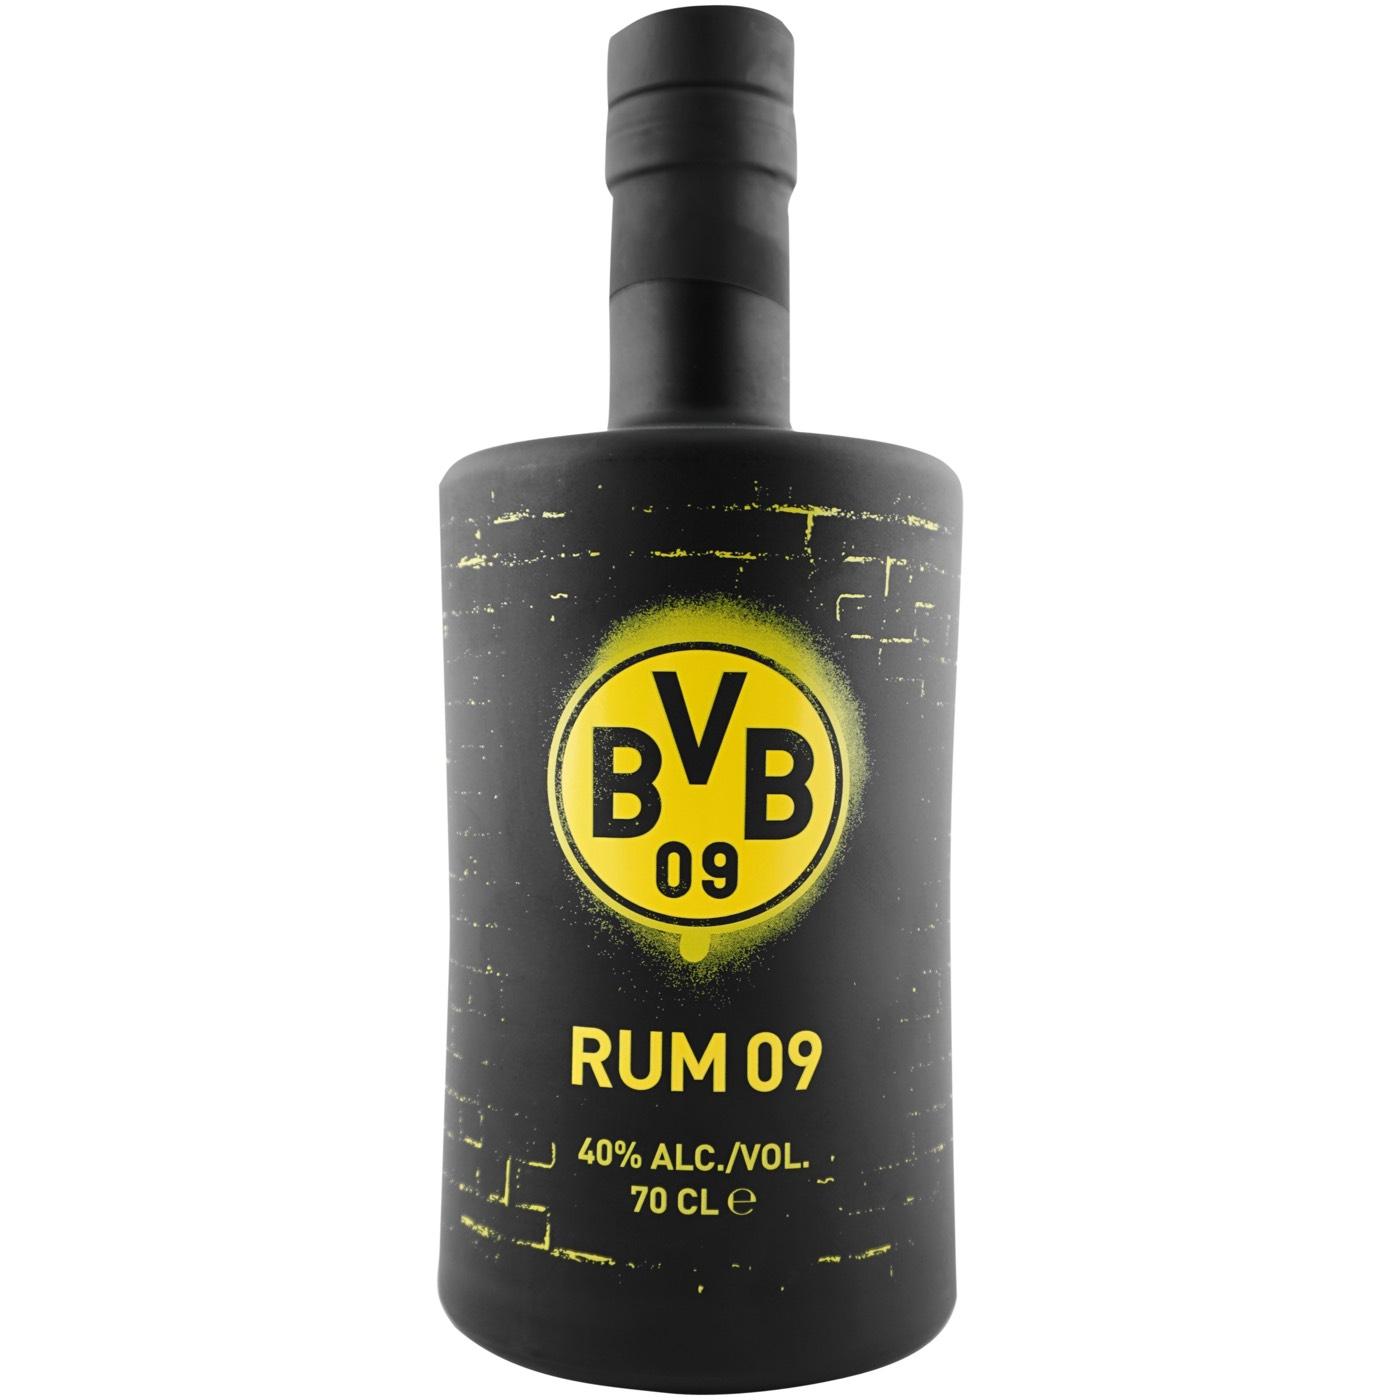 Bottle image of BVB Rum 09